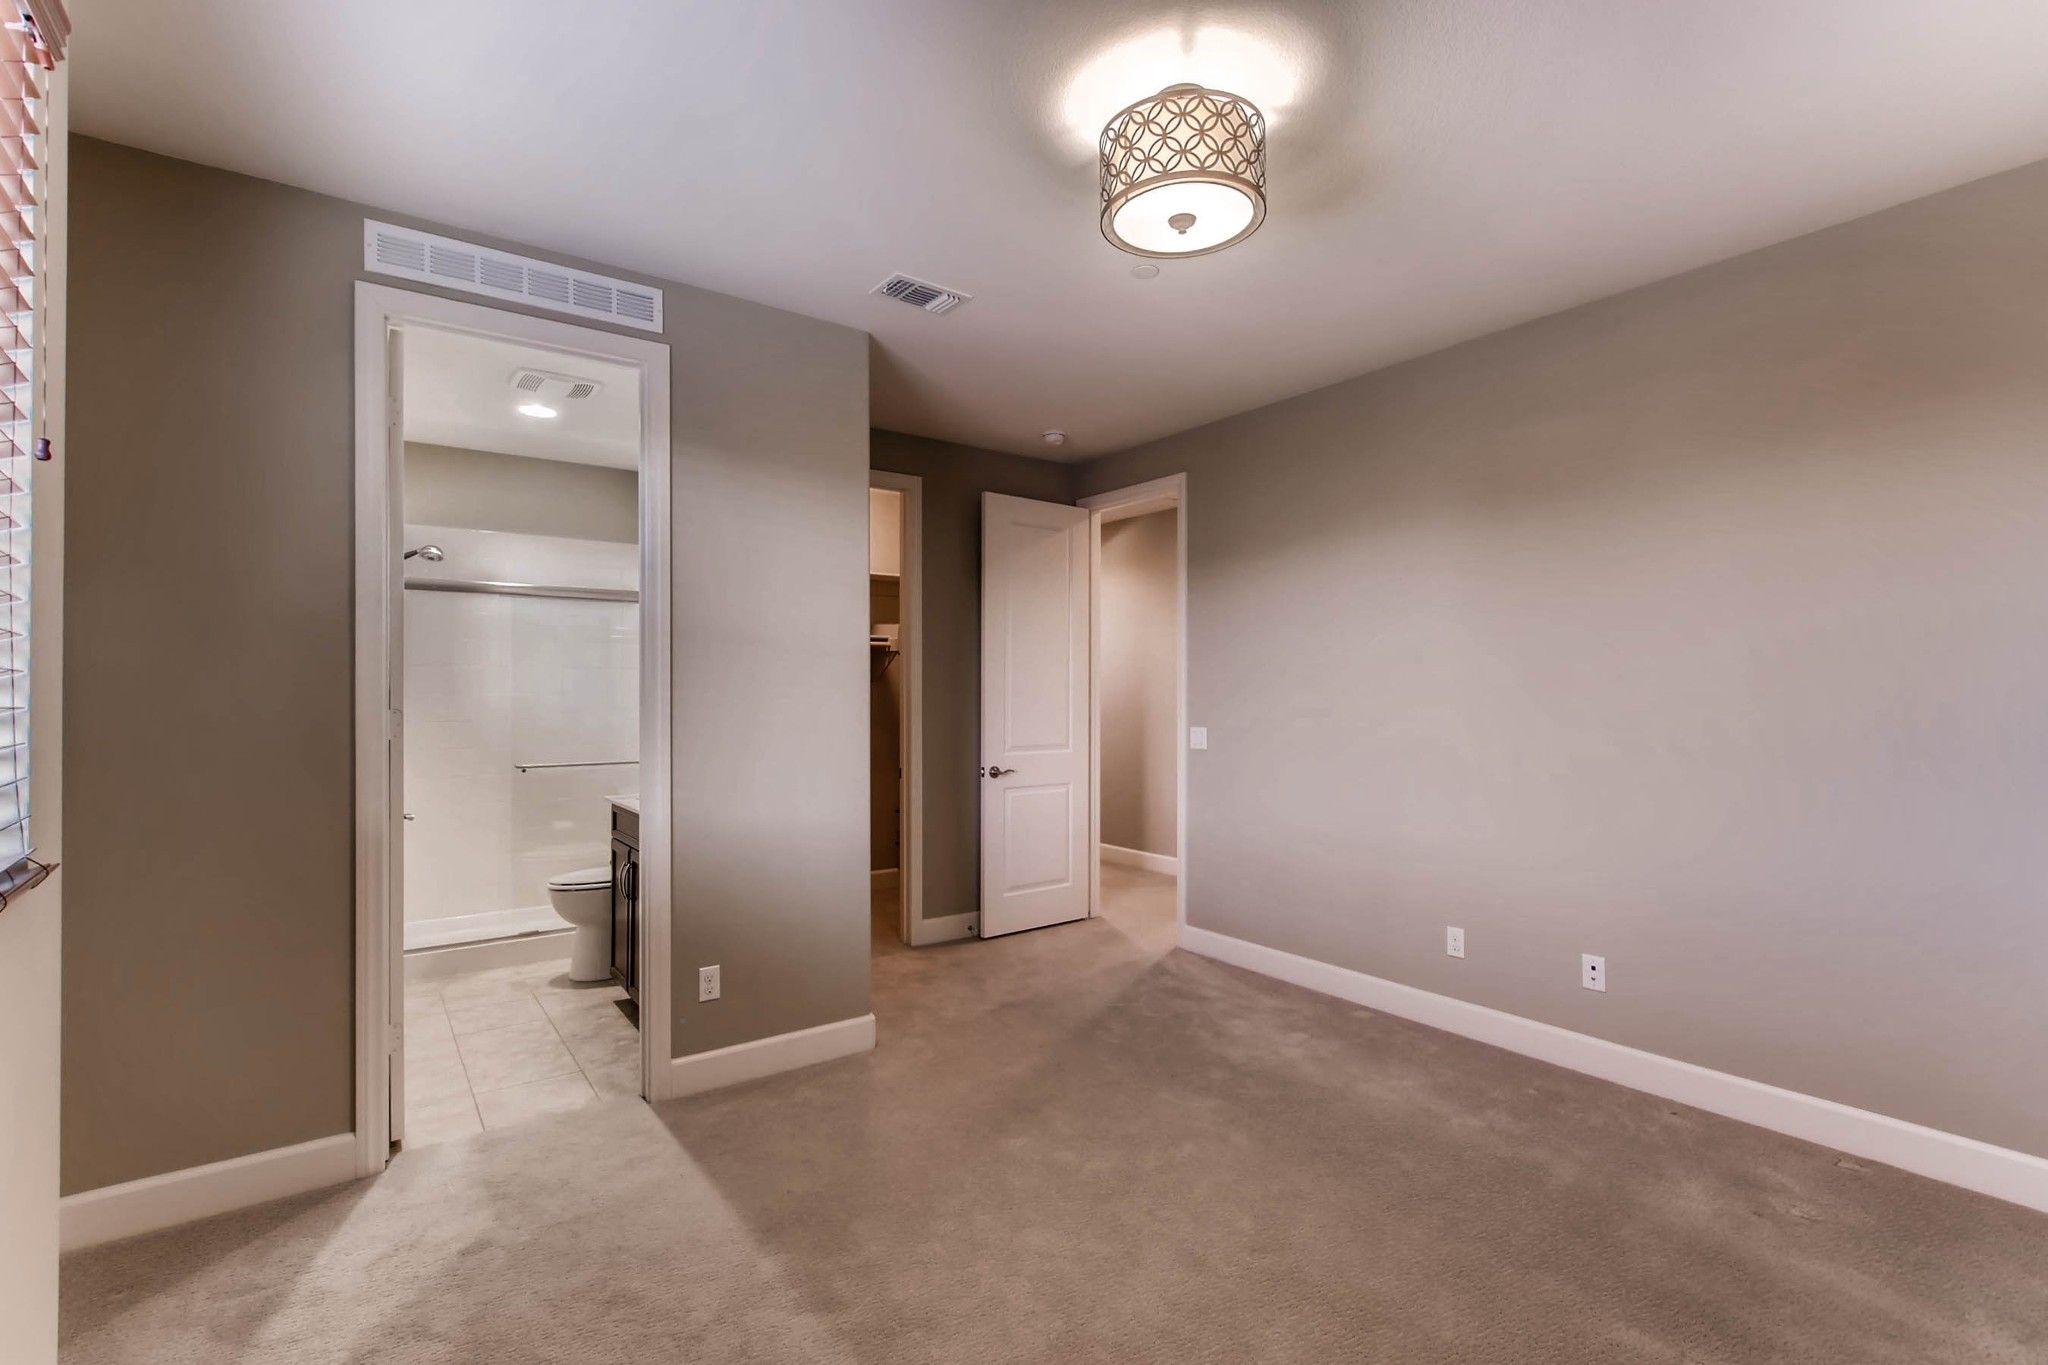 Photo 27: Photos: Residential for sale : 5 bedrooms : 443 Machado Way in Vista